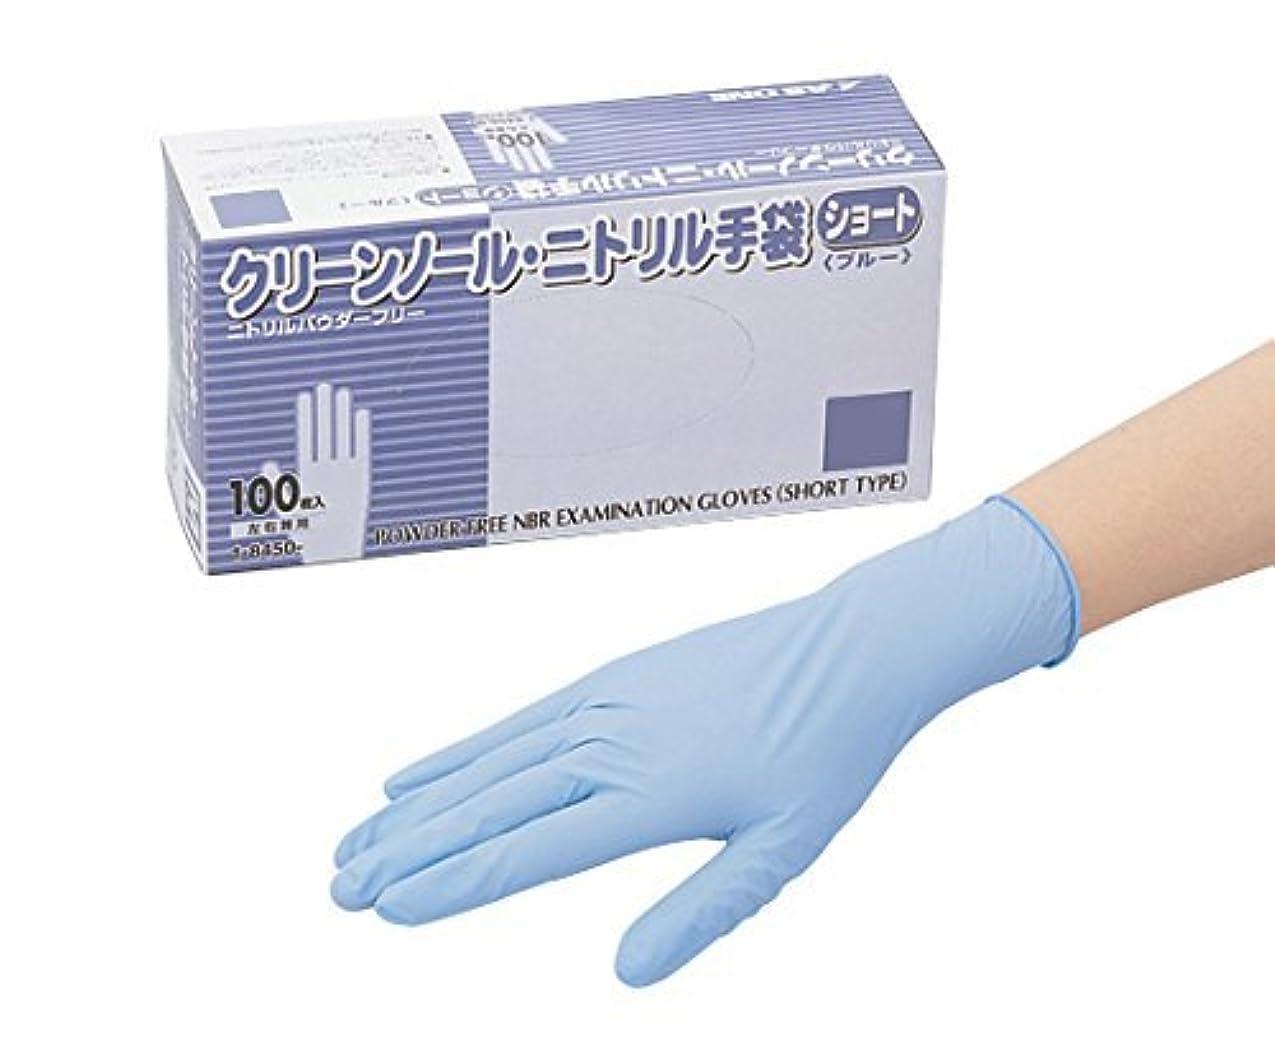 アクセル泣き叫ぶカリングアズワン1-8450-24クリーンノールニトリル手袋ショート(パウダーフリ-)ブルーSS100枚入